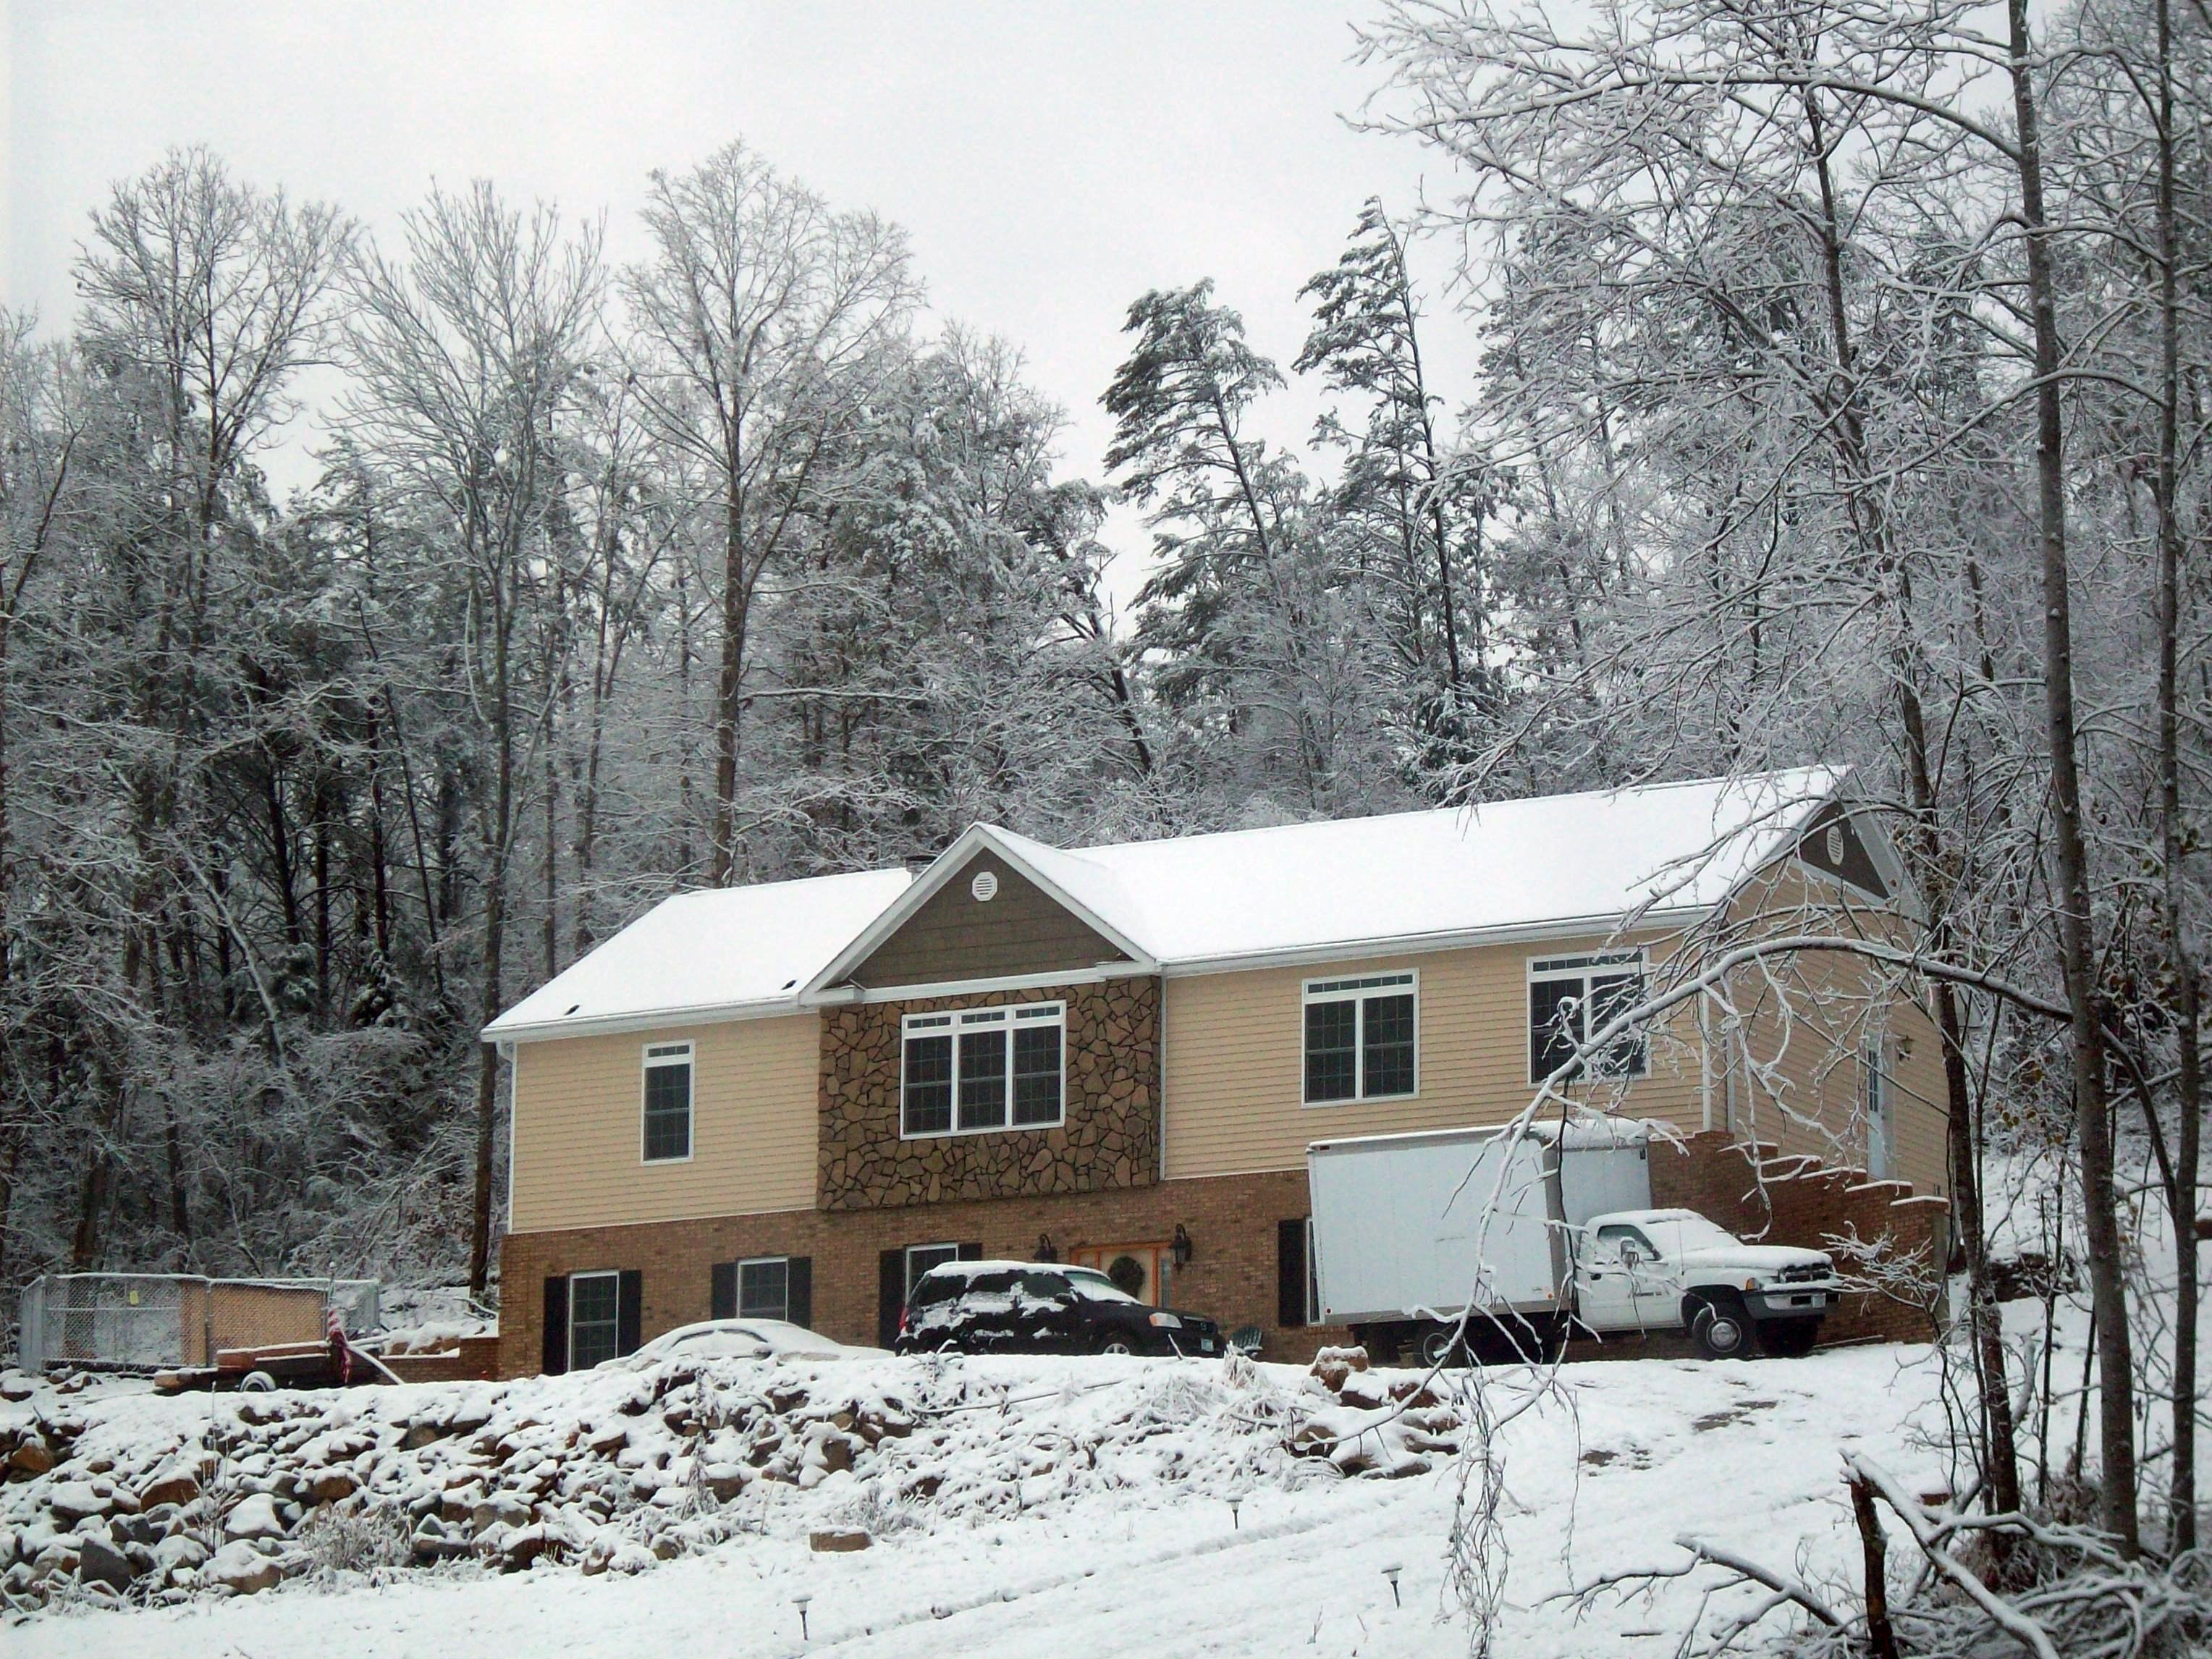 1577 Meece Rd, Somerset, Kentucky 42501